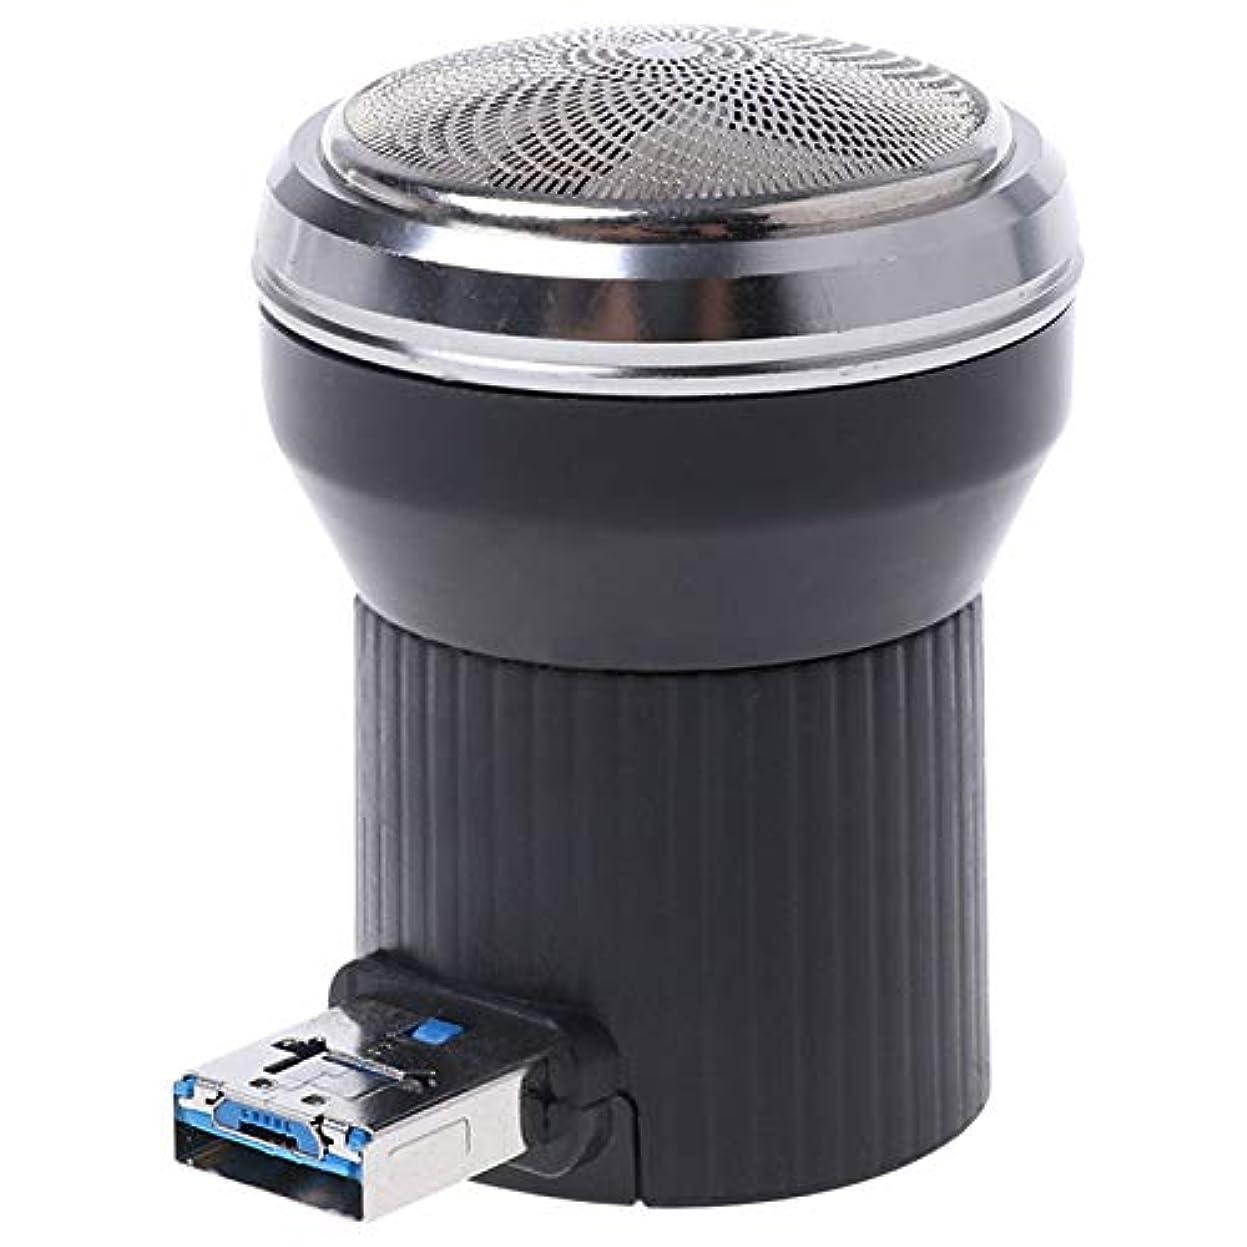 コテージキャッシュ磁気Xigeapg クリエイティブ電気シェーバー ミニポータブルUSB電源プラグ旅行髭トリマーかみそり